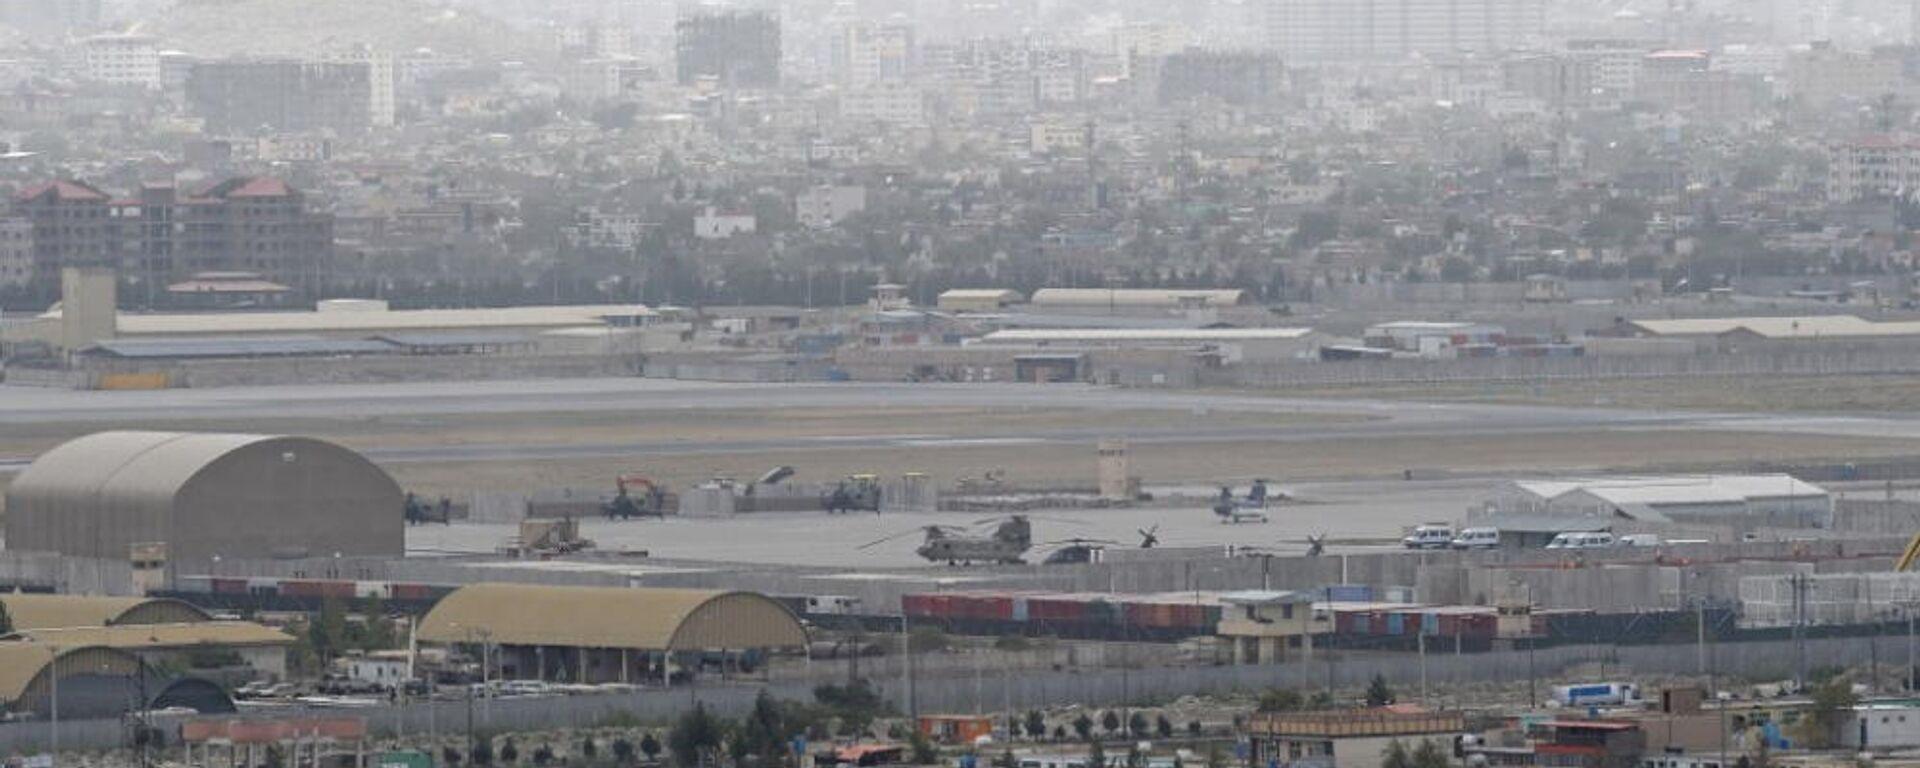 Άποψη του αεροδρομίου της Καμπούλ, 14 Αυγούστου 2021 - Sputnik Ελλάδα, 1920, 17.08.2021